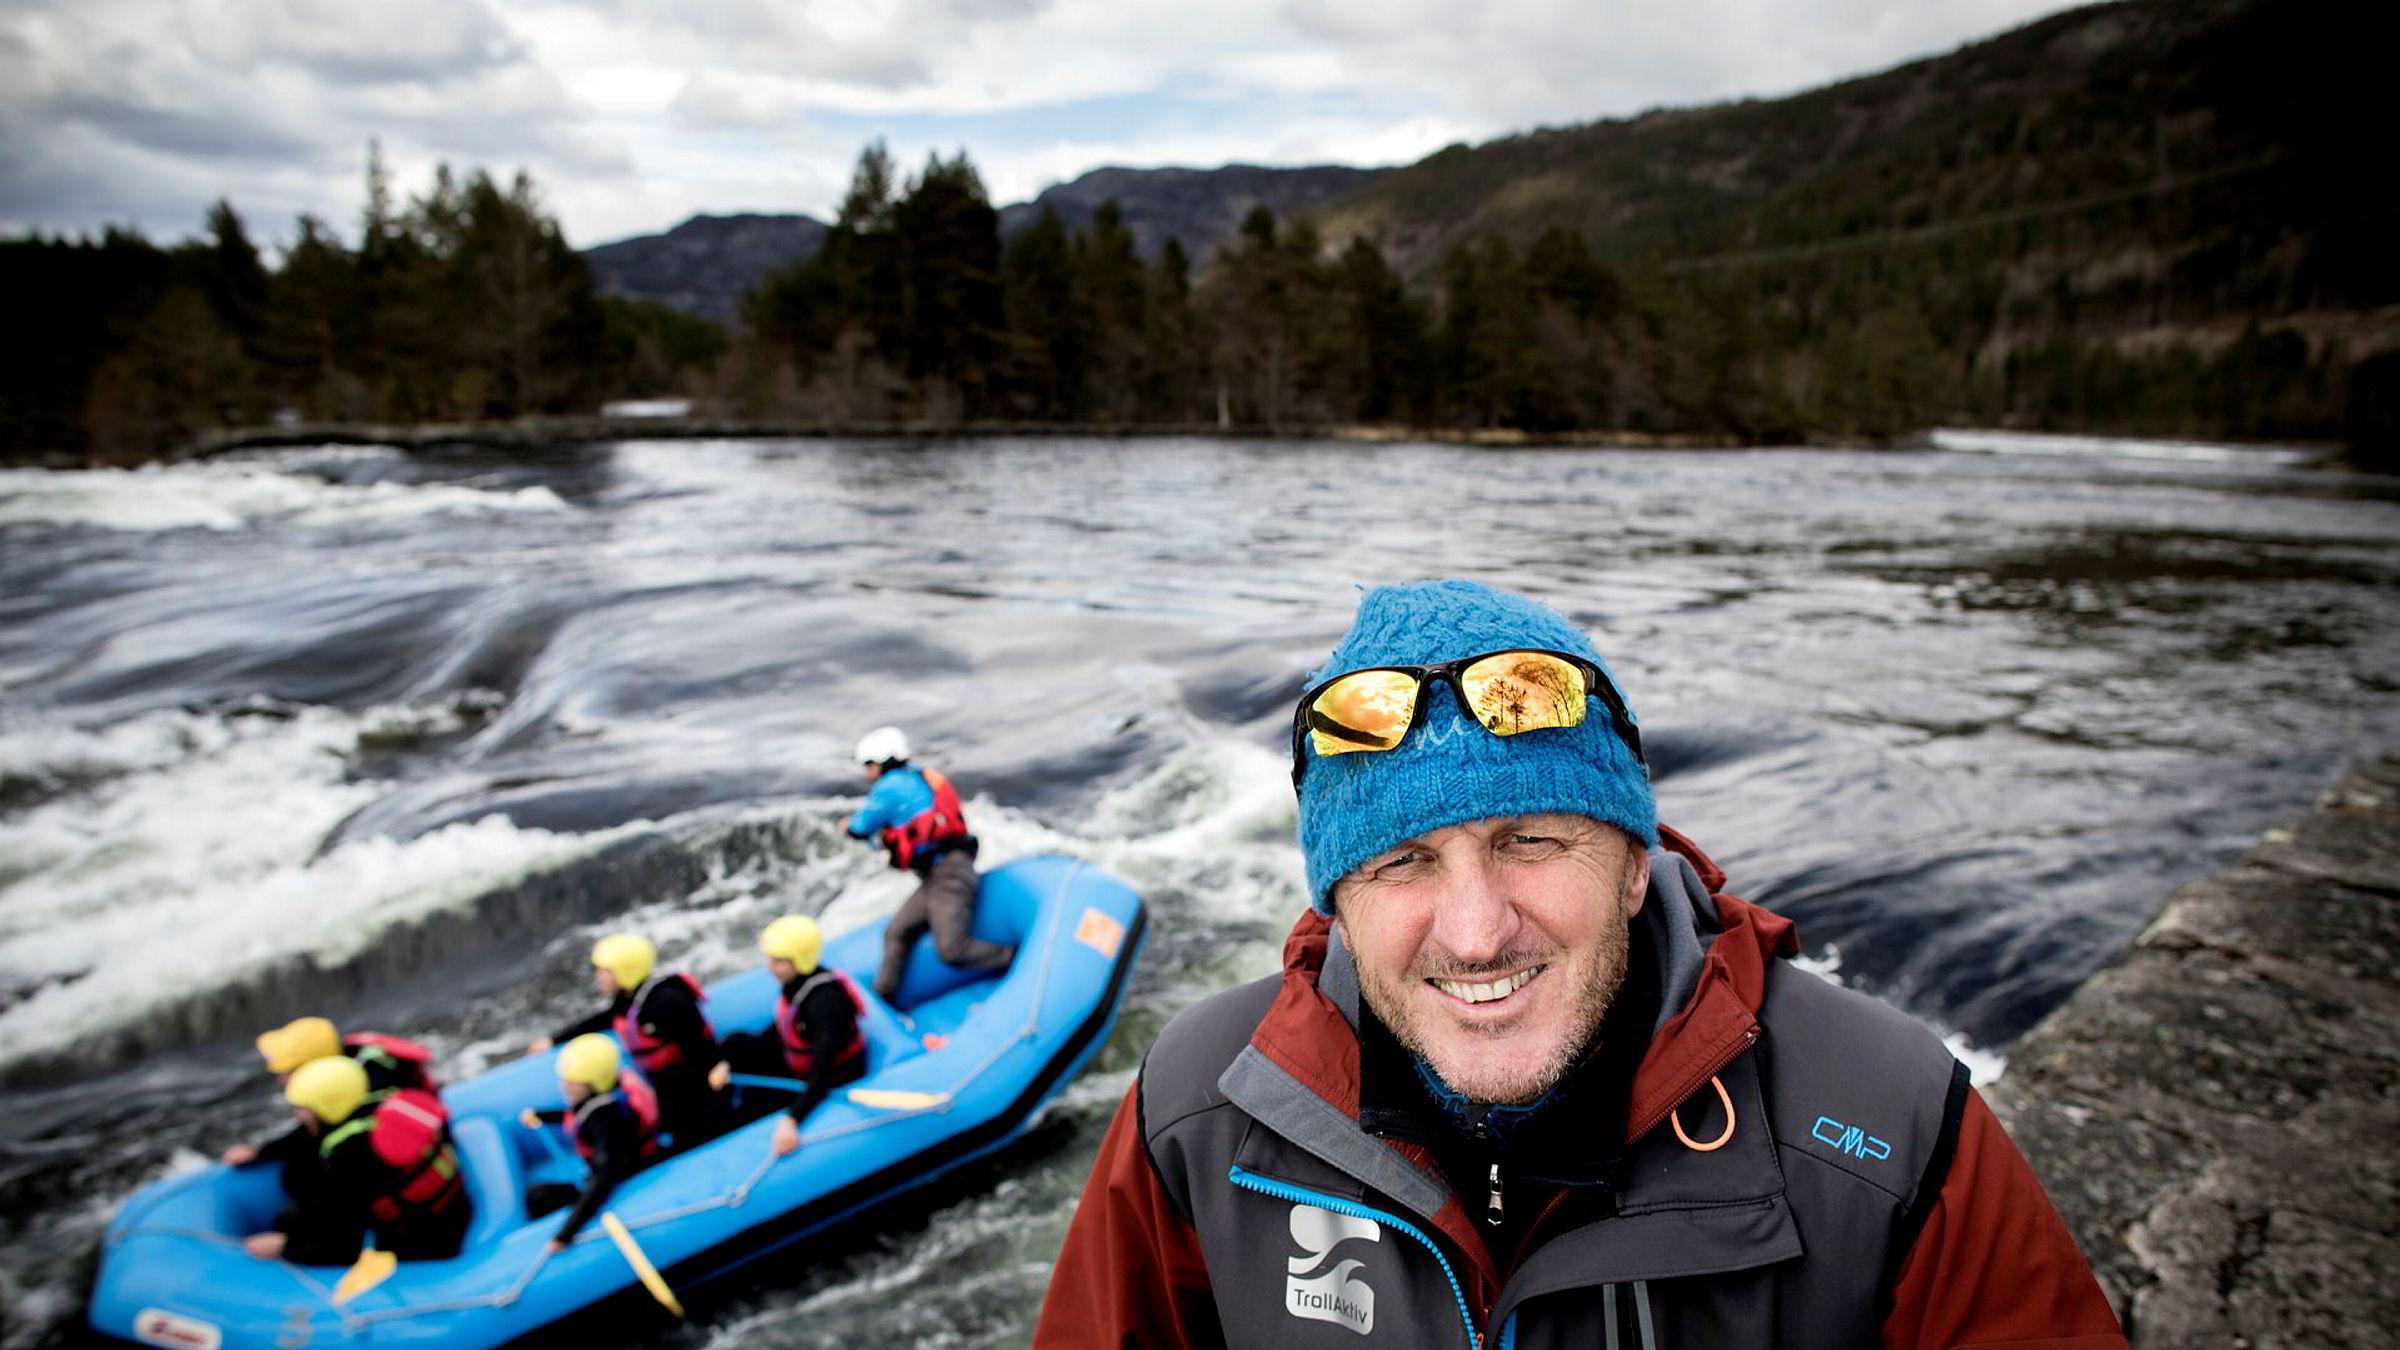 Tim Davis i Trollaktiv på Evje er en av pionerene innen opplevelsesturisme i Norge, men nå har han fått et skudd for baugen.